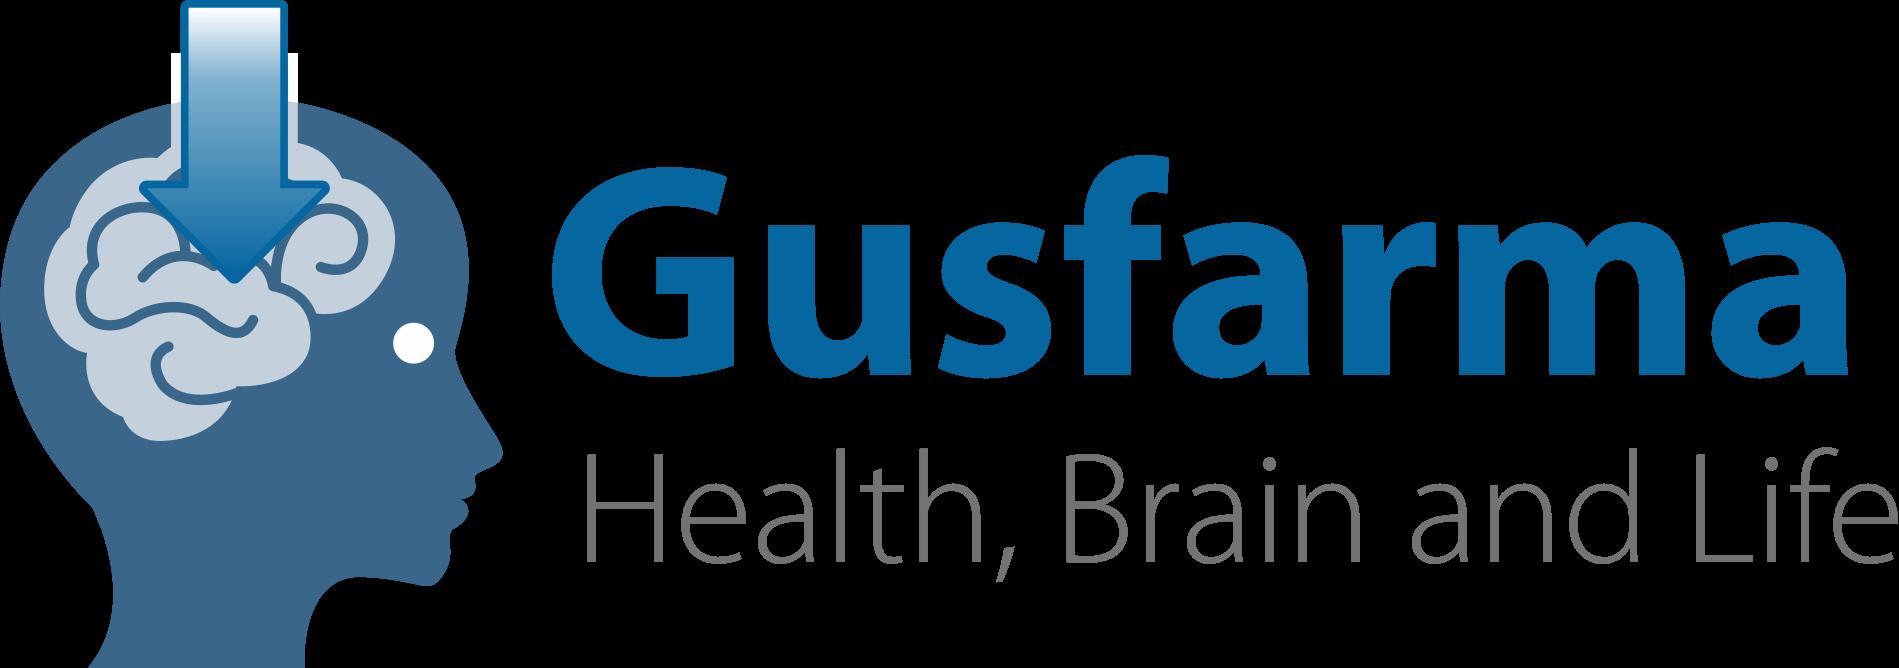 Gusfarma